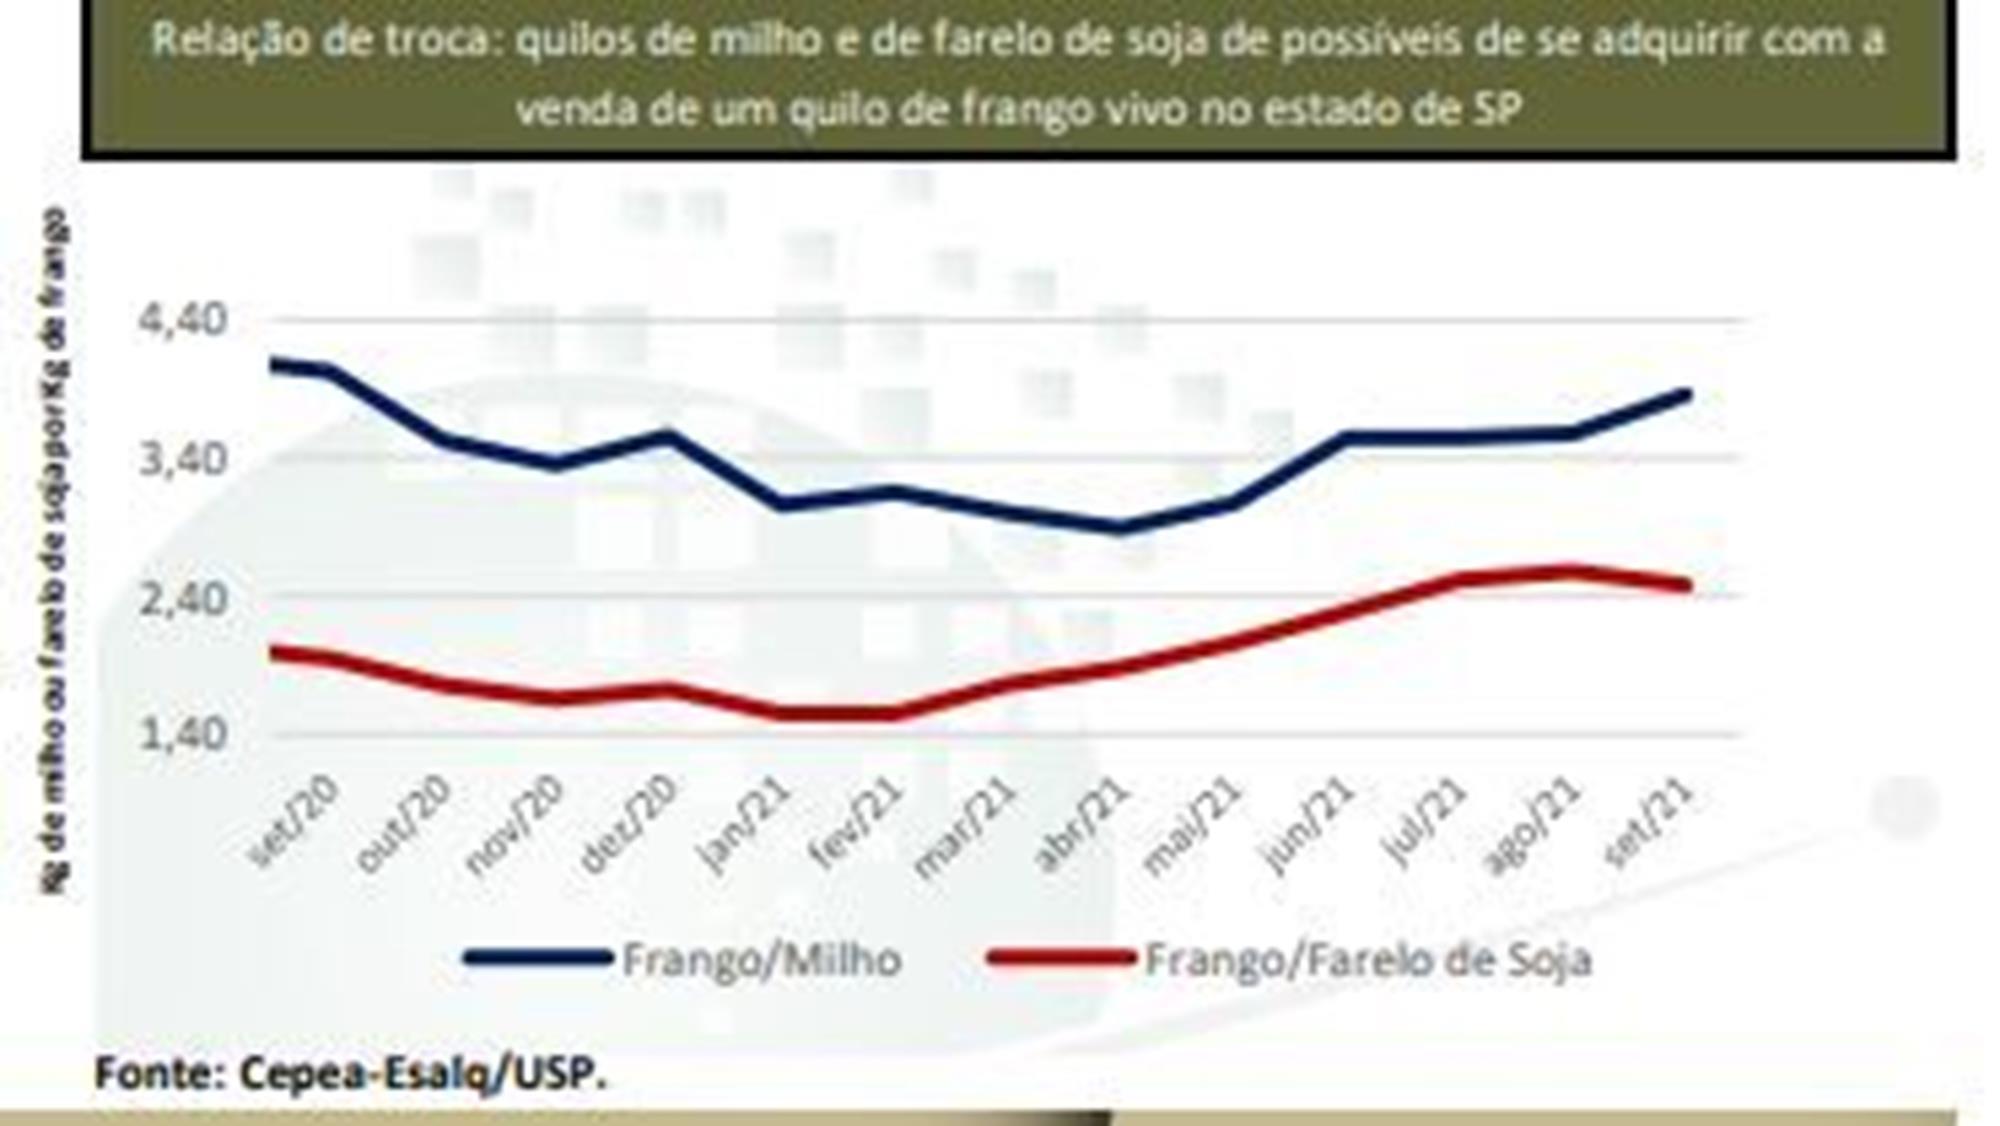 Apesar de recuos nos preços no final de setembro,  índice de negociação de carne de frango fecha em alta, Apesar de recuos nos preços no final de setembro,  índice de negociação de carne de frango fecha em alta